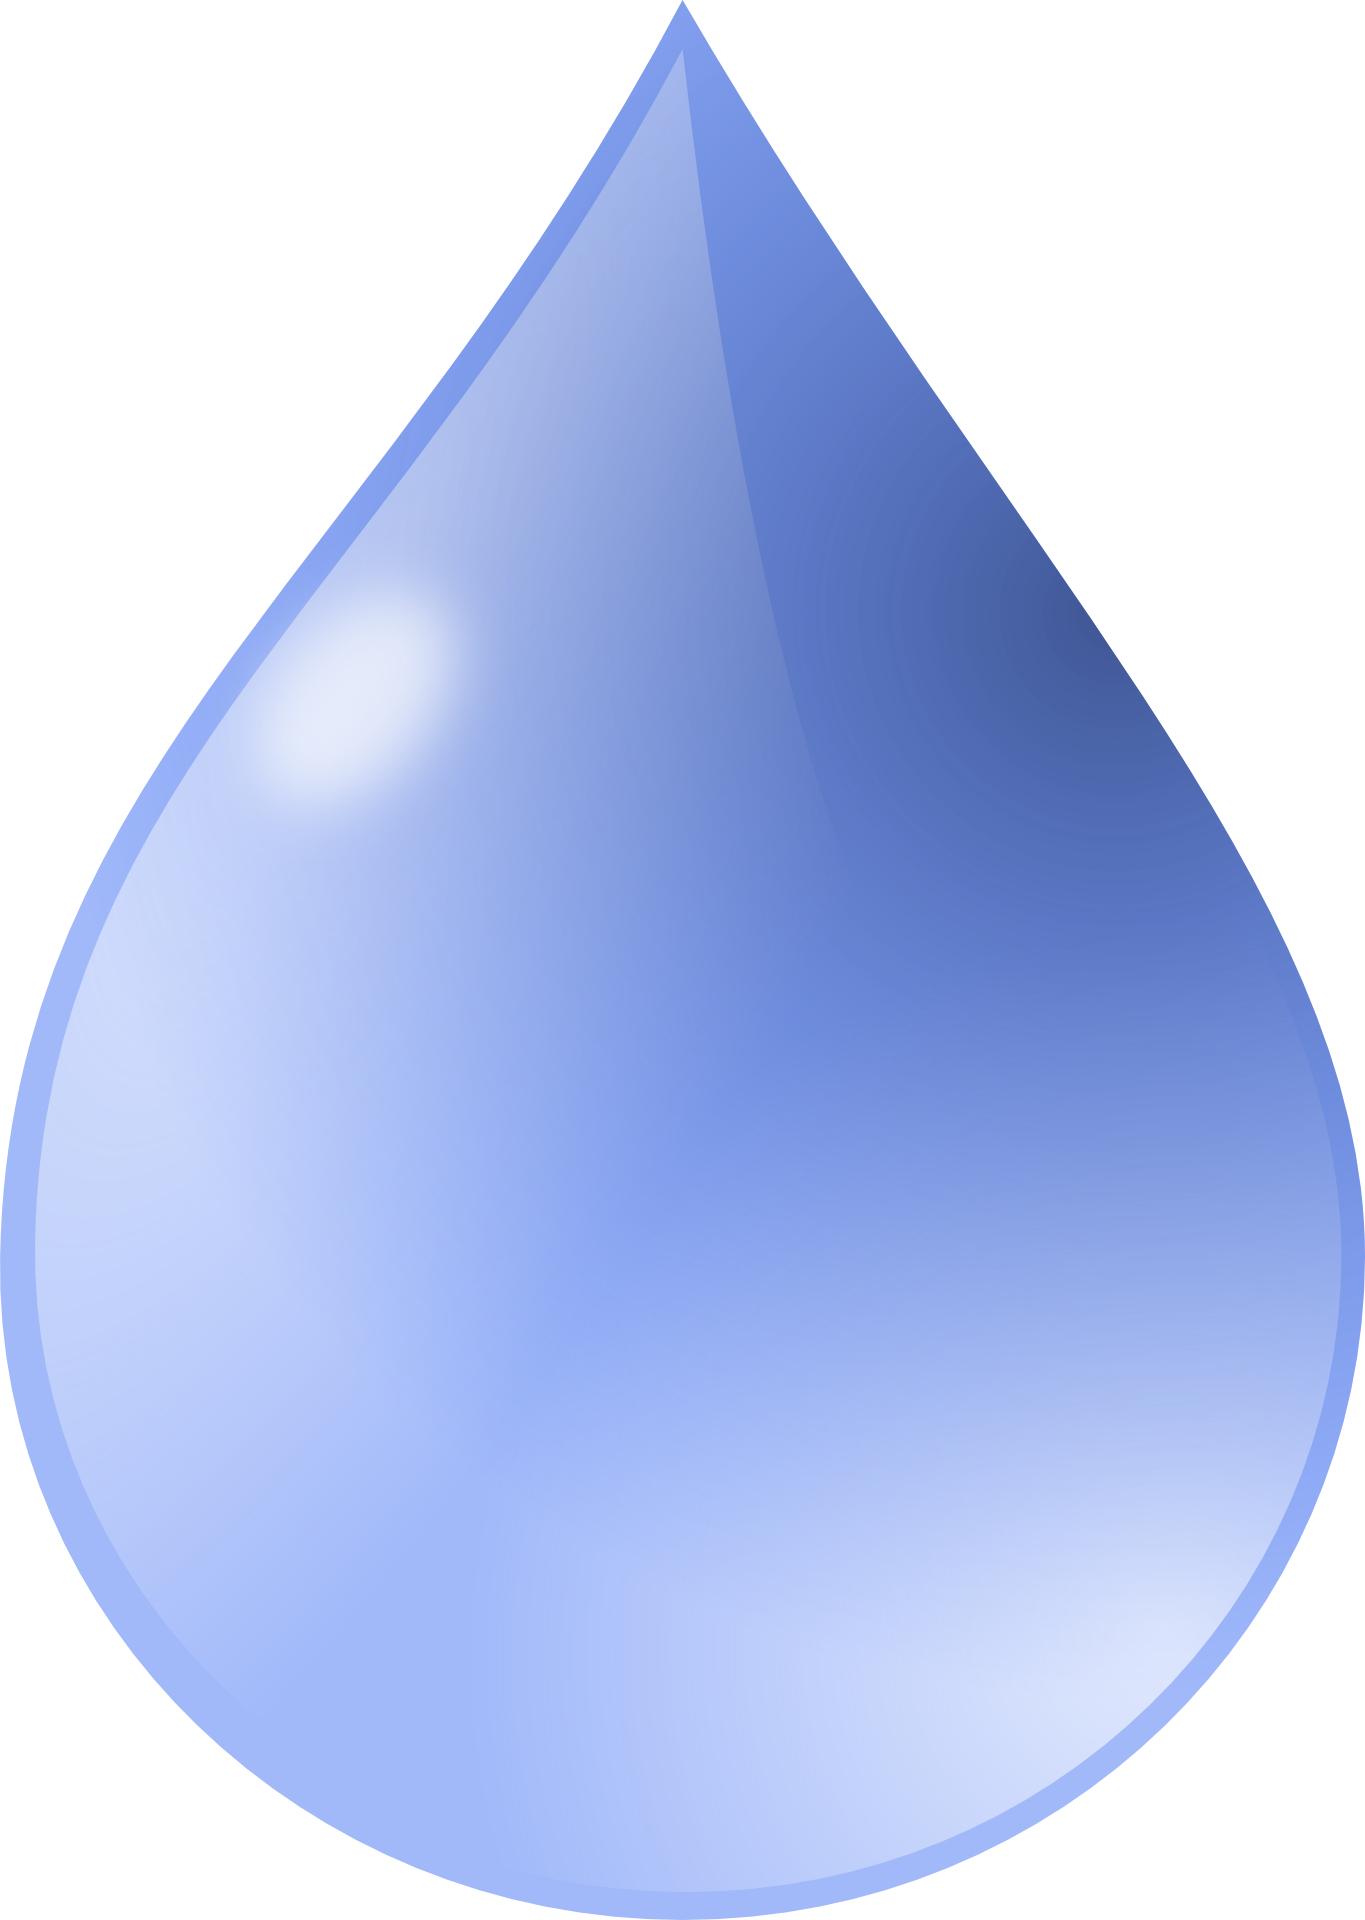 Blue rain drop vector